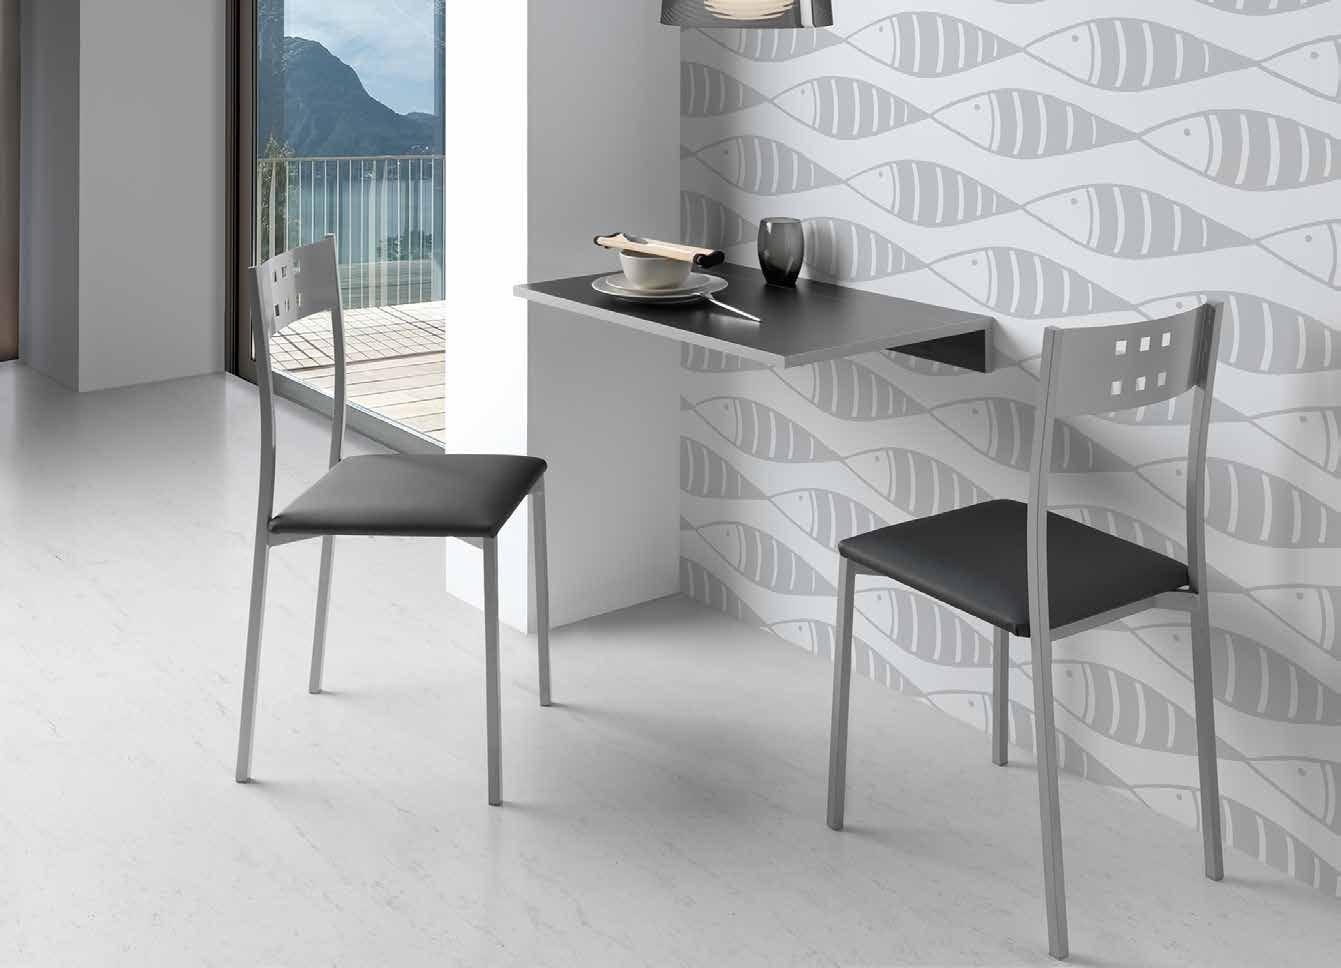 Mesa de cocina abatible PRADES - Mesa de cocina abatible ideal para espacios reducidos. Sobre en madera MDF laminada y sistema metálico en gris plata.